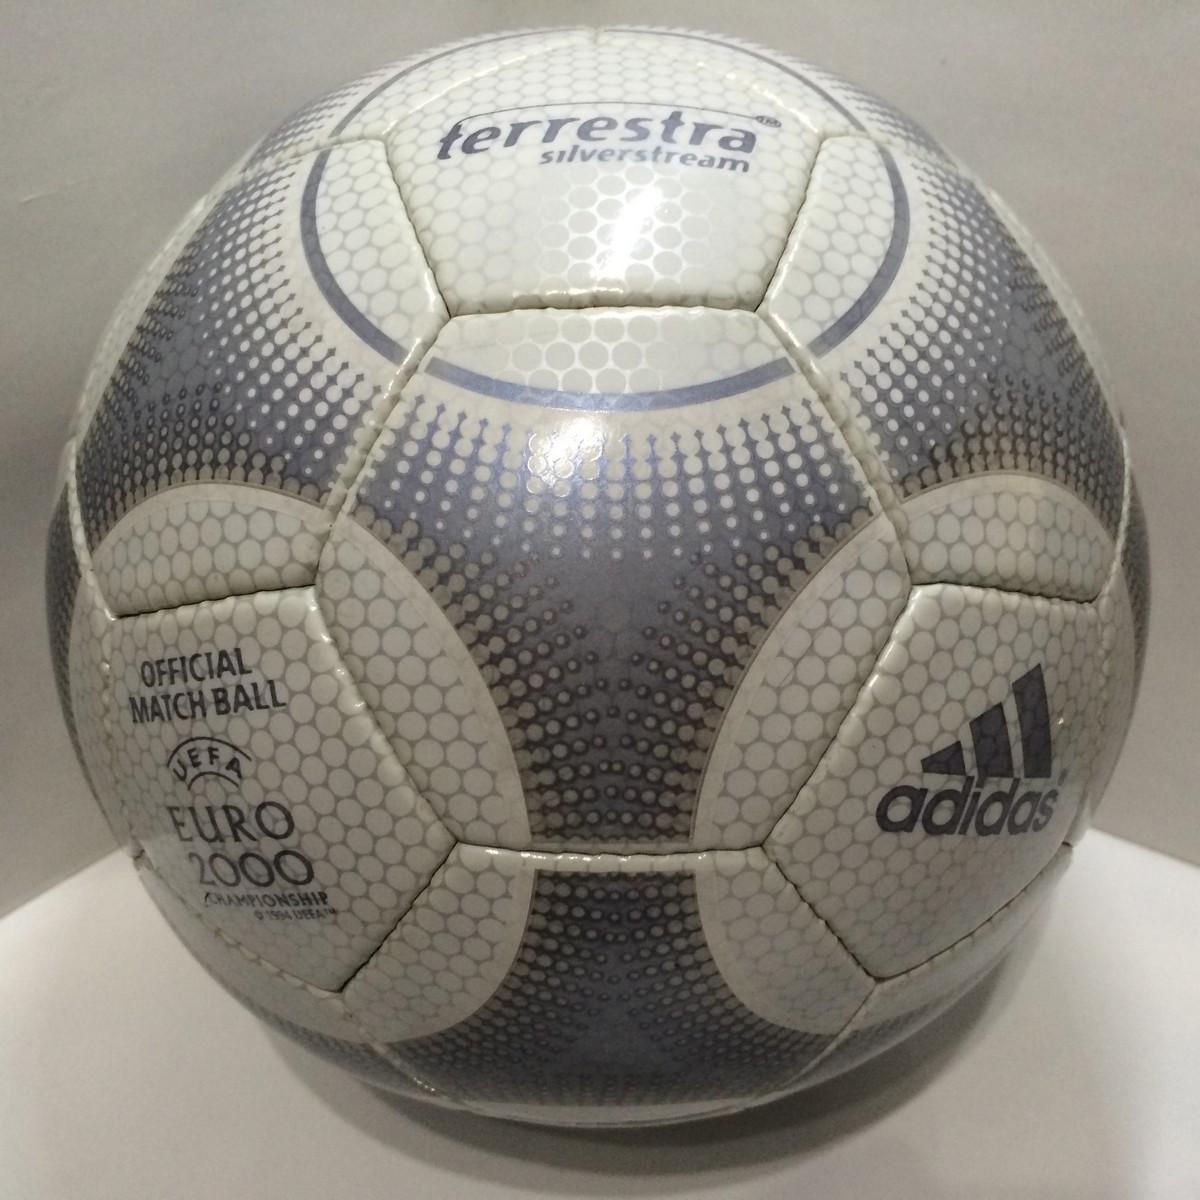 uefa euro league